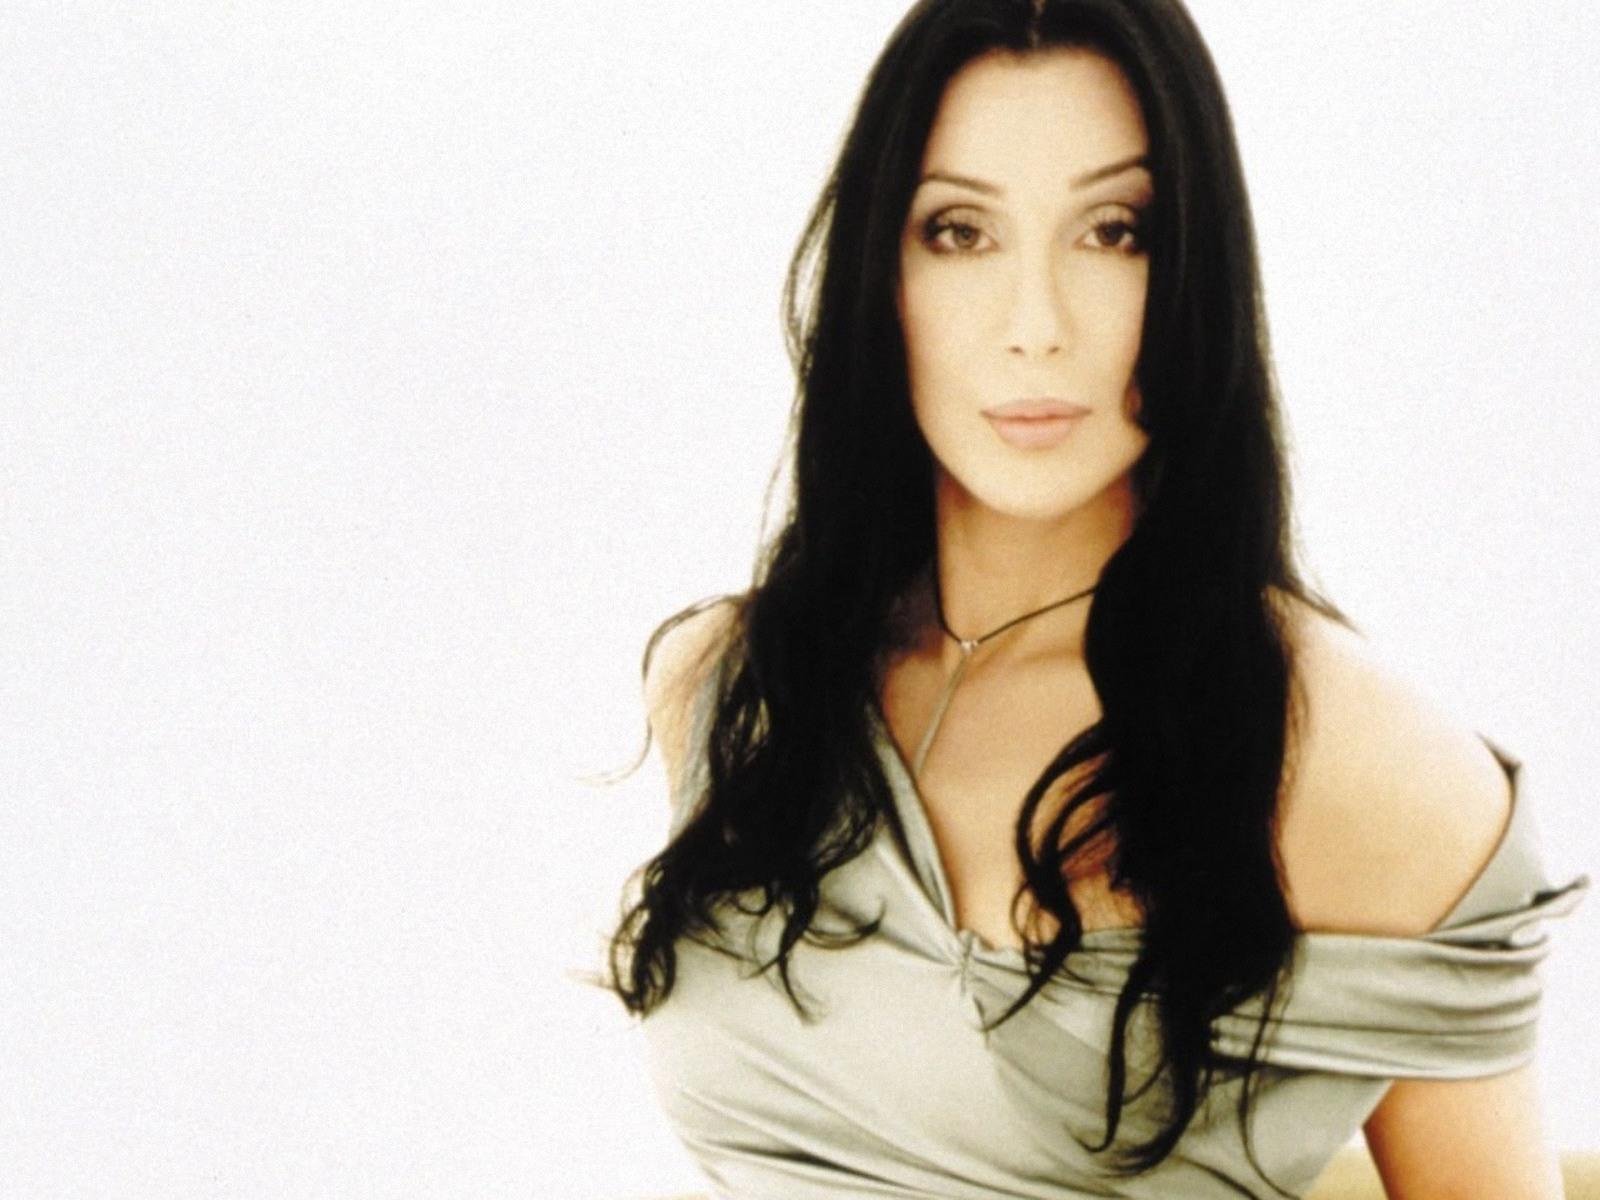 Legendary Entertainer, Cher